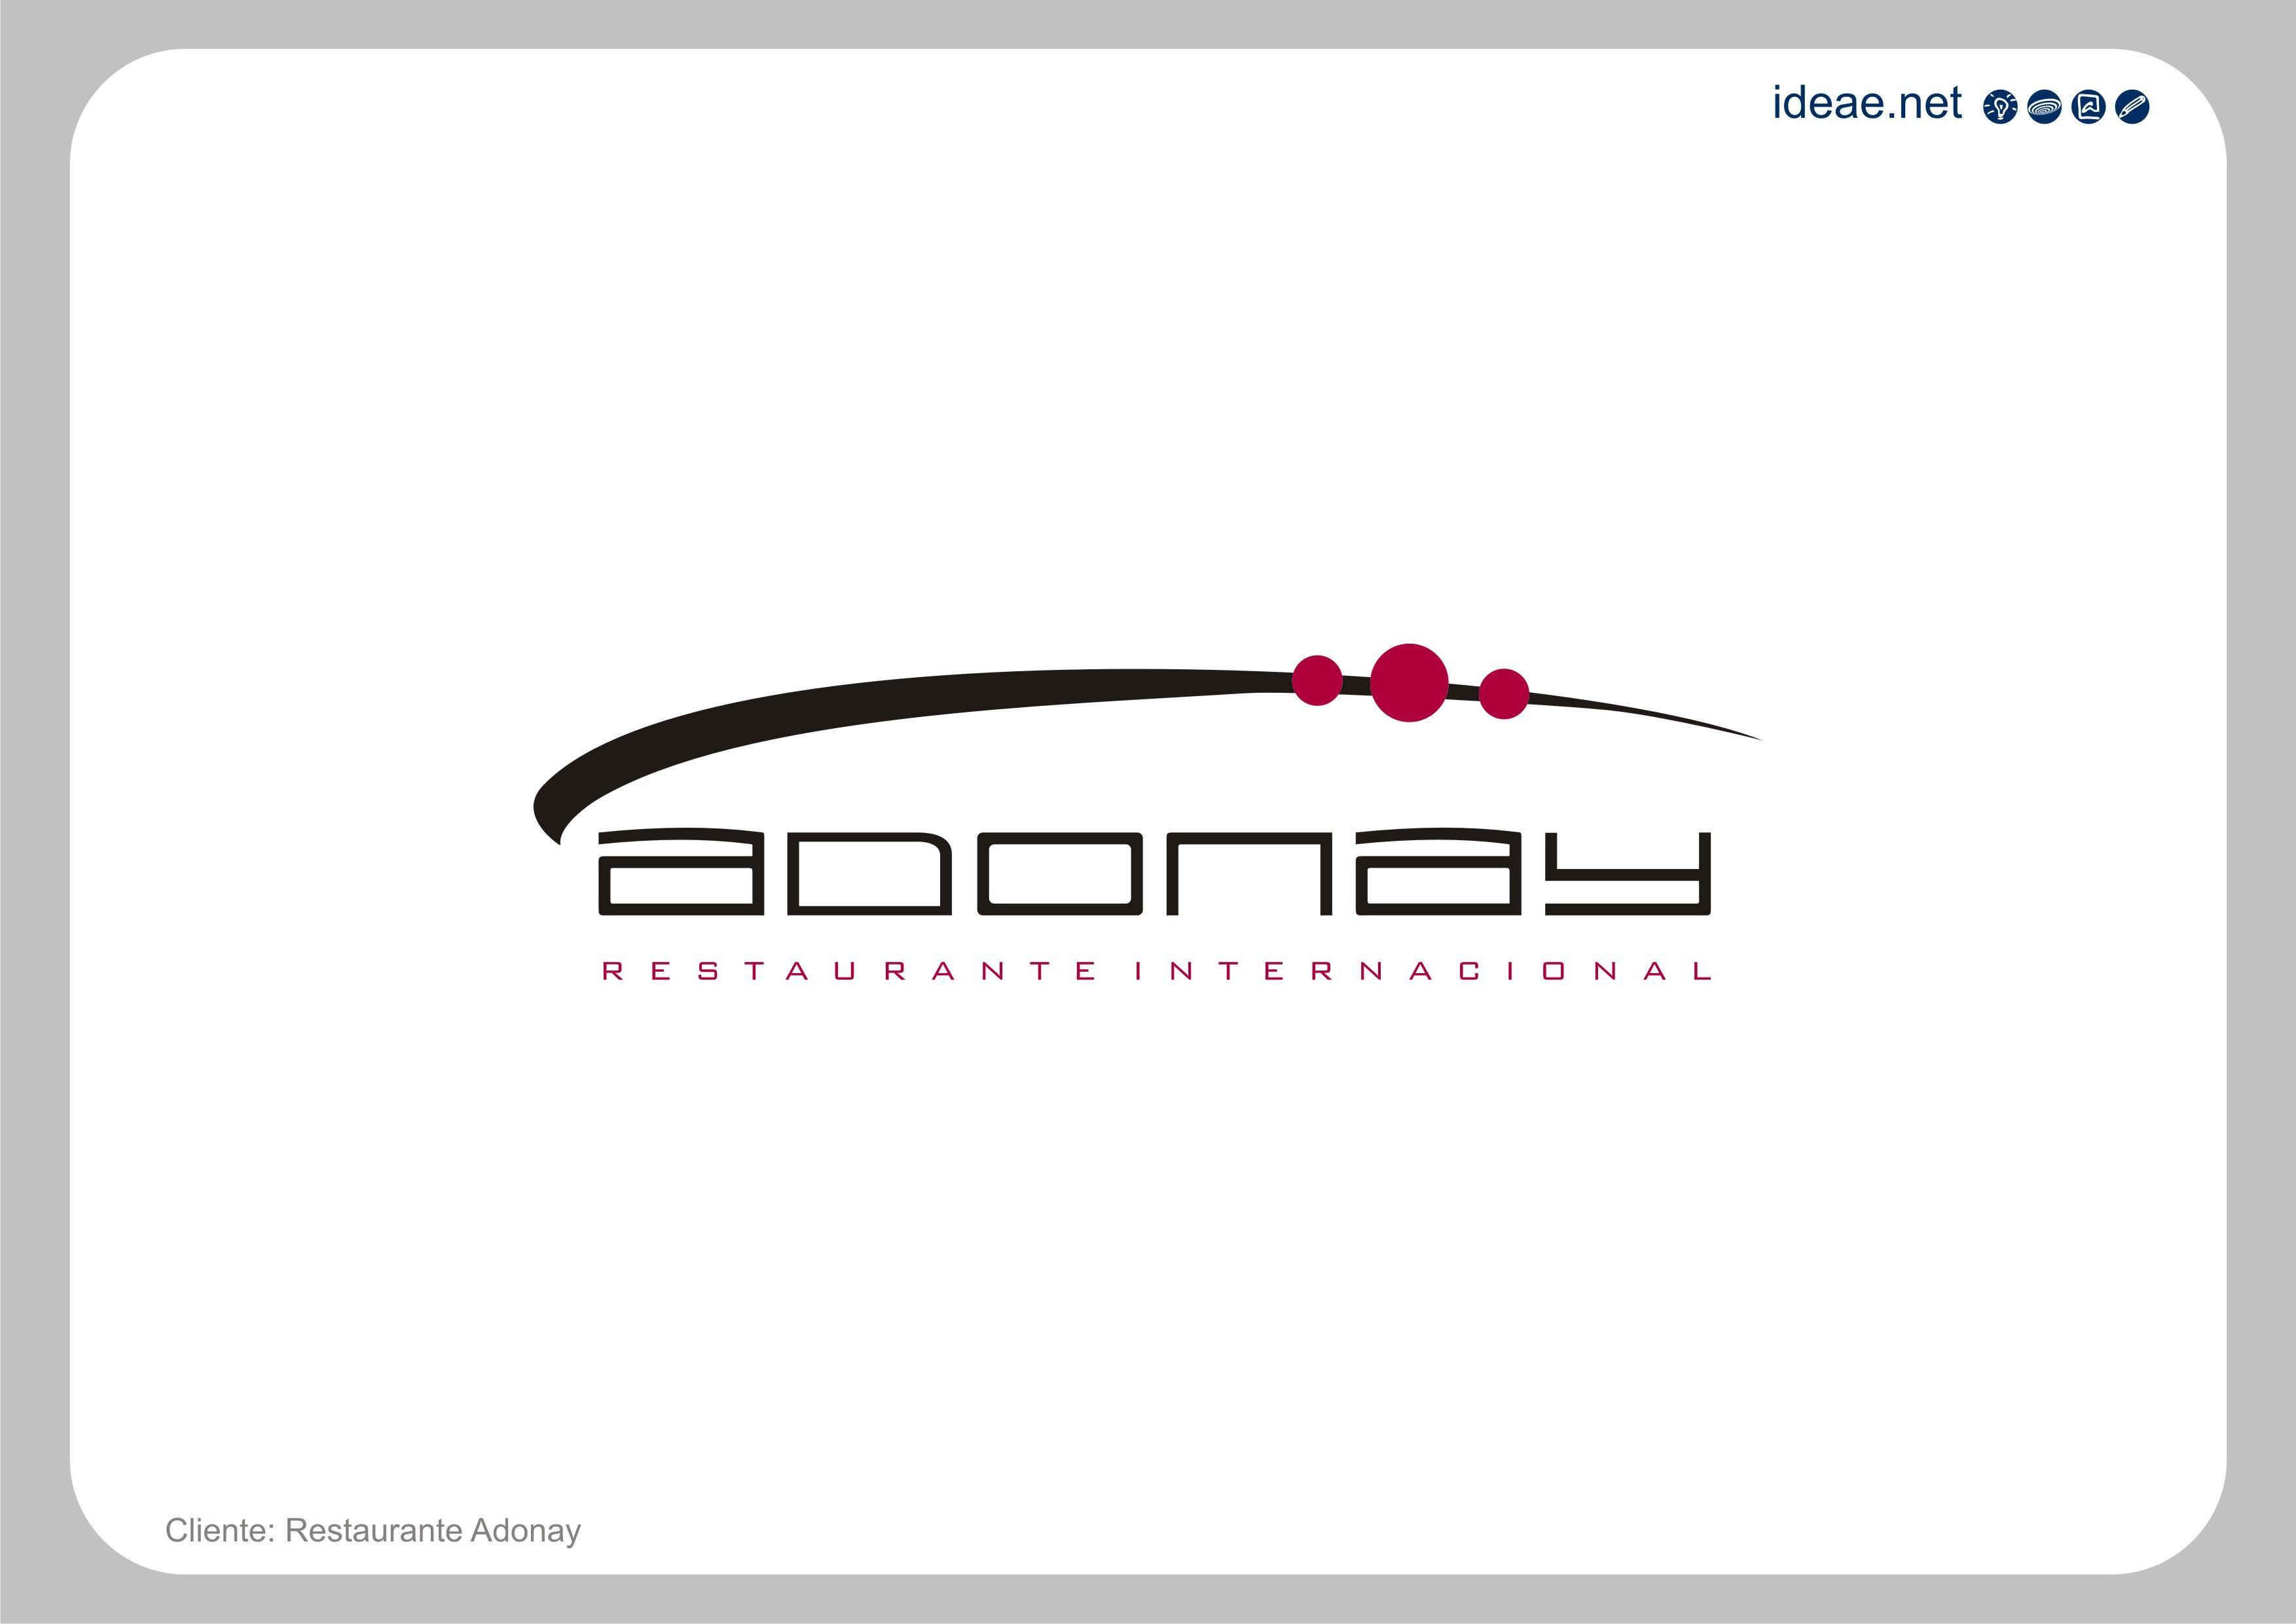 Diseño de marca realizada para restaurante de gastronomía asiática.    Cliente: Adonay Restaurante Internacional